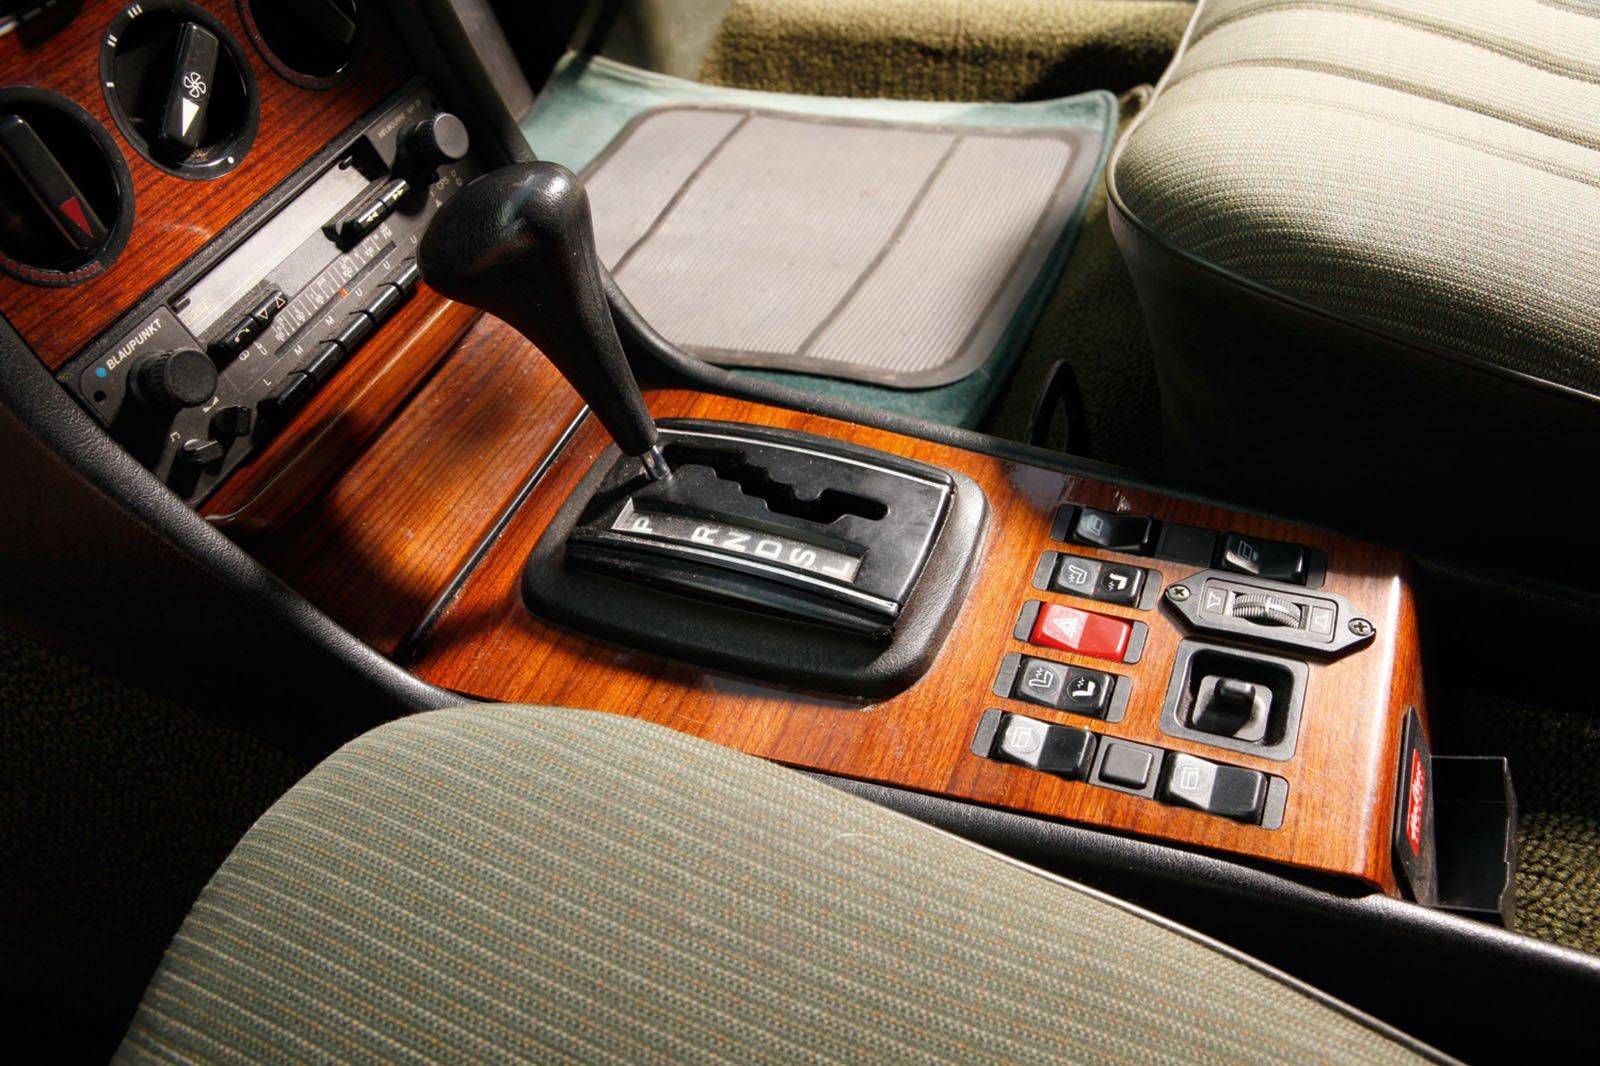 Mercedes W123 centre console